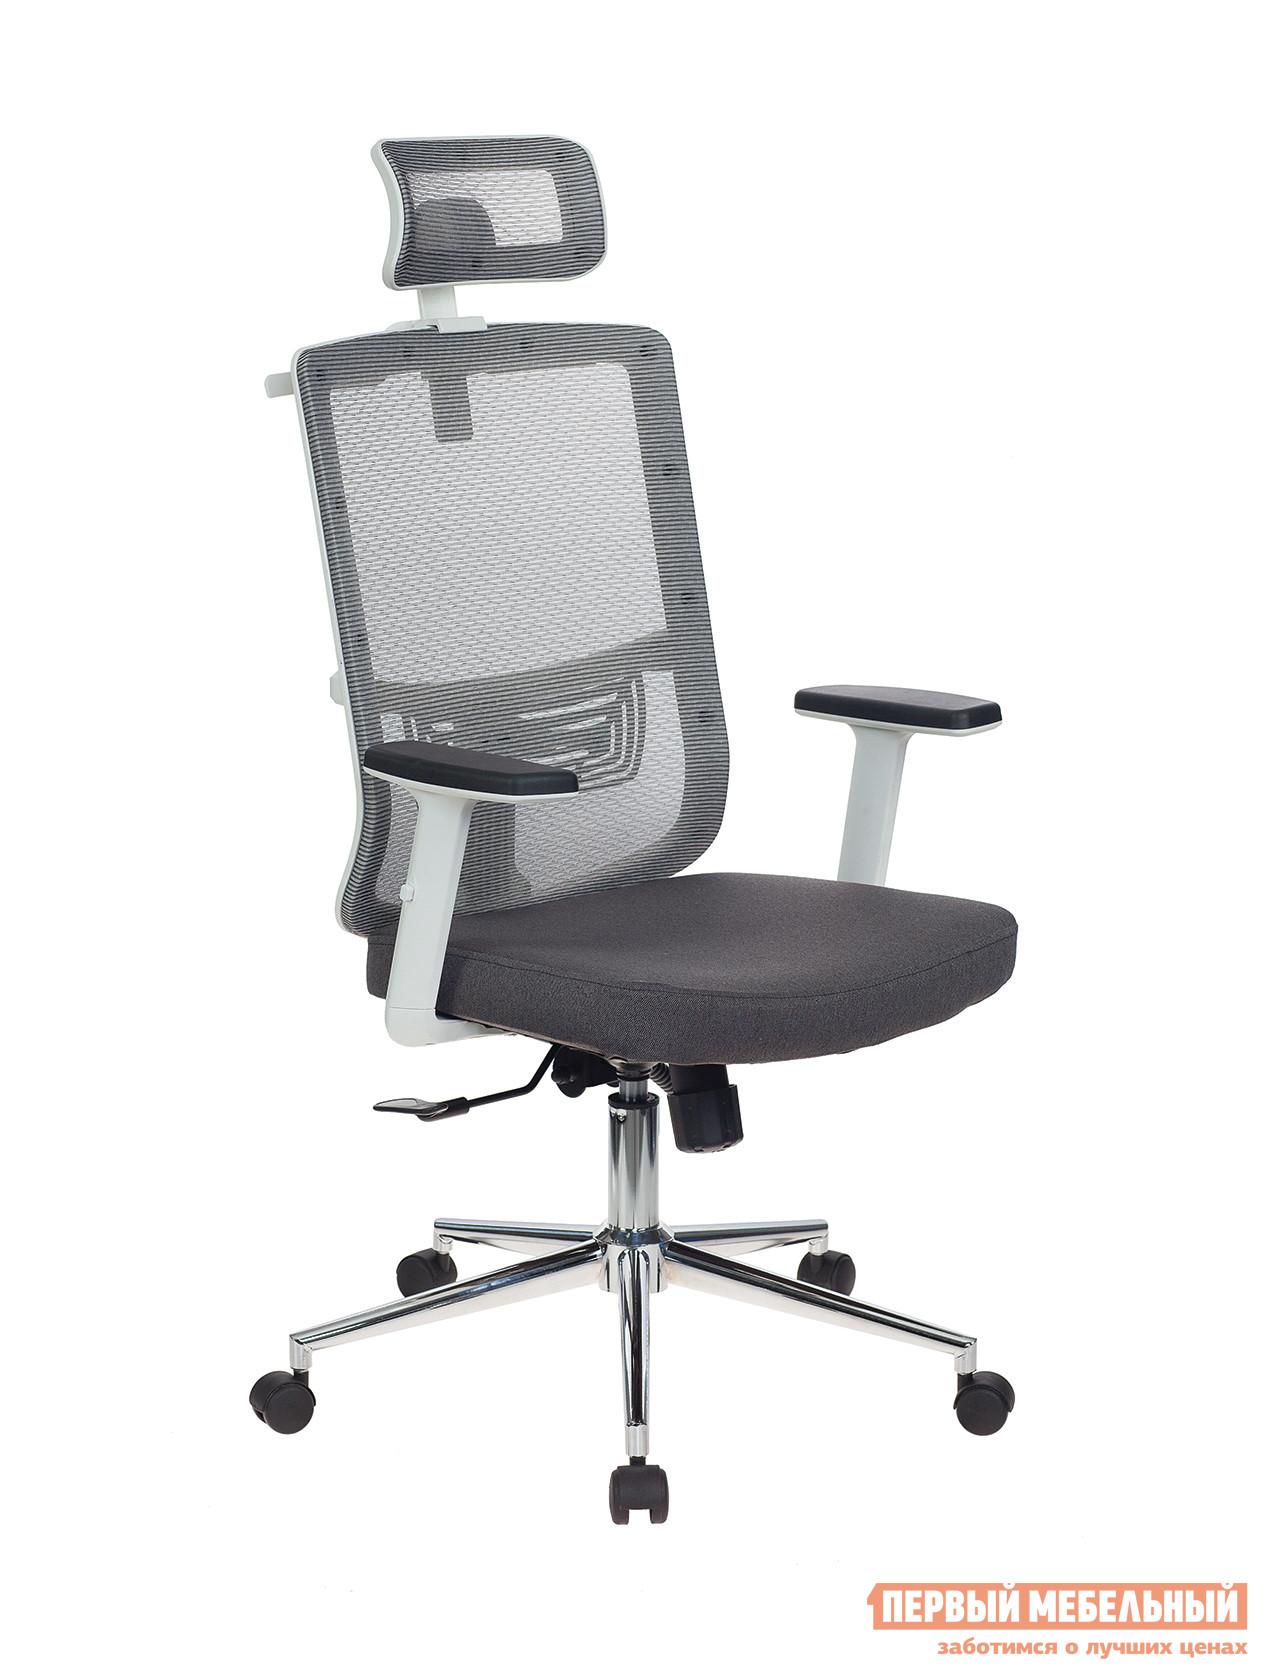 Кресло руководителя Бюрократ Кресло руководителя MC-W612-H кресло руководителя бюрократ ch 868axsn white белый